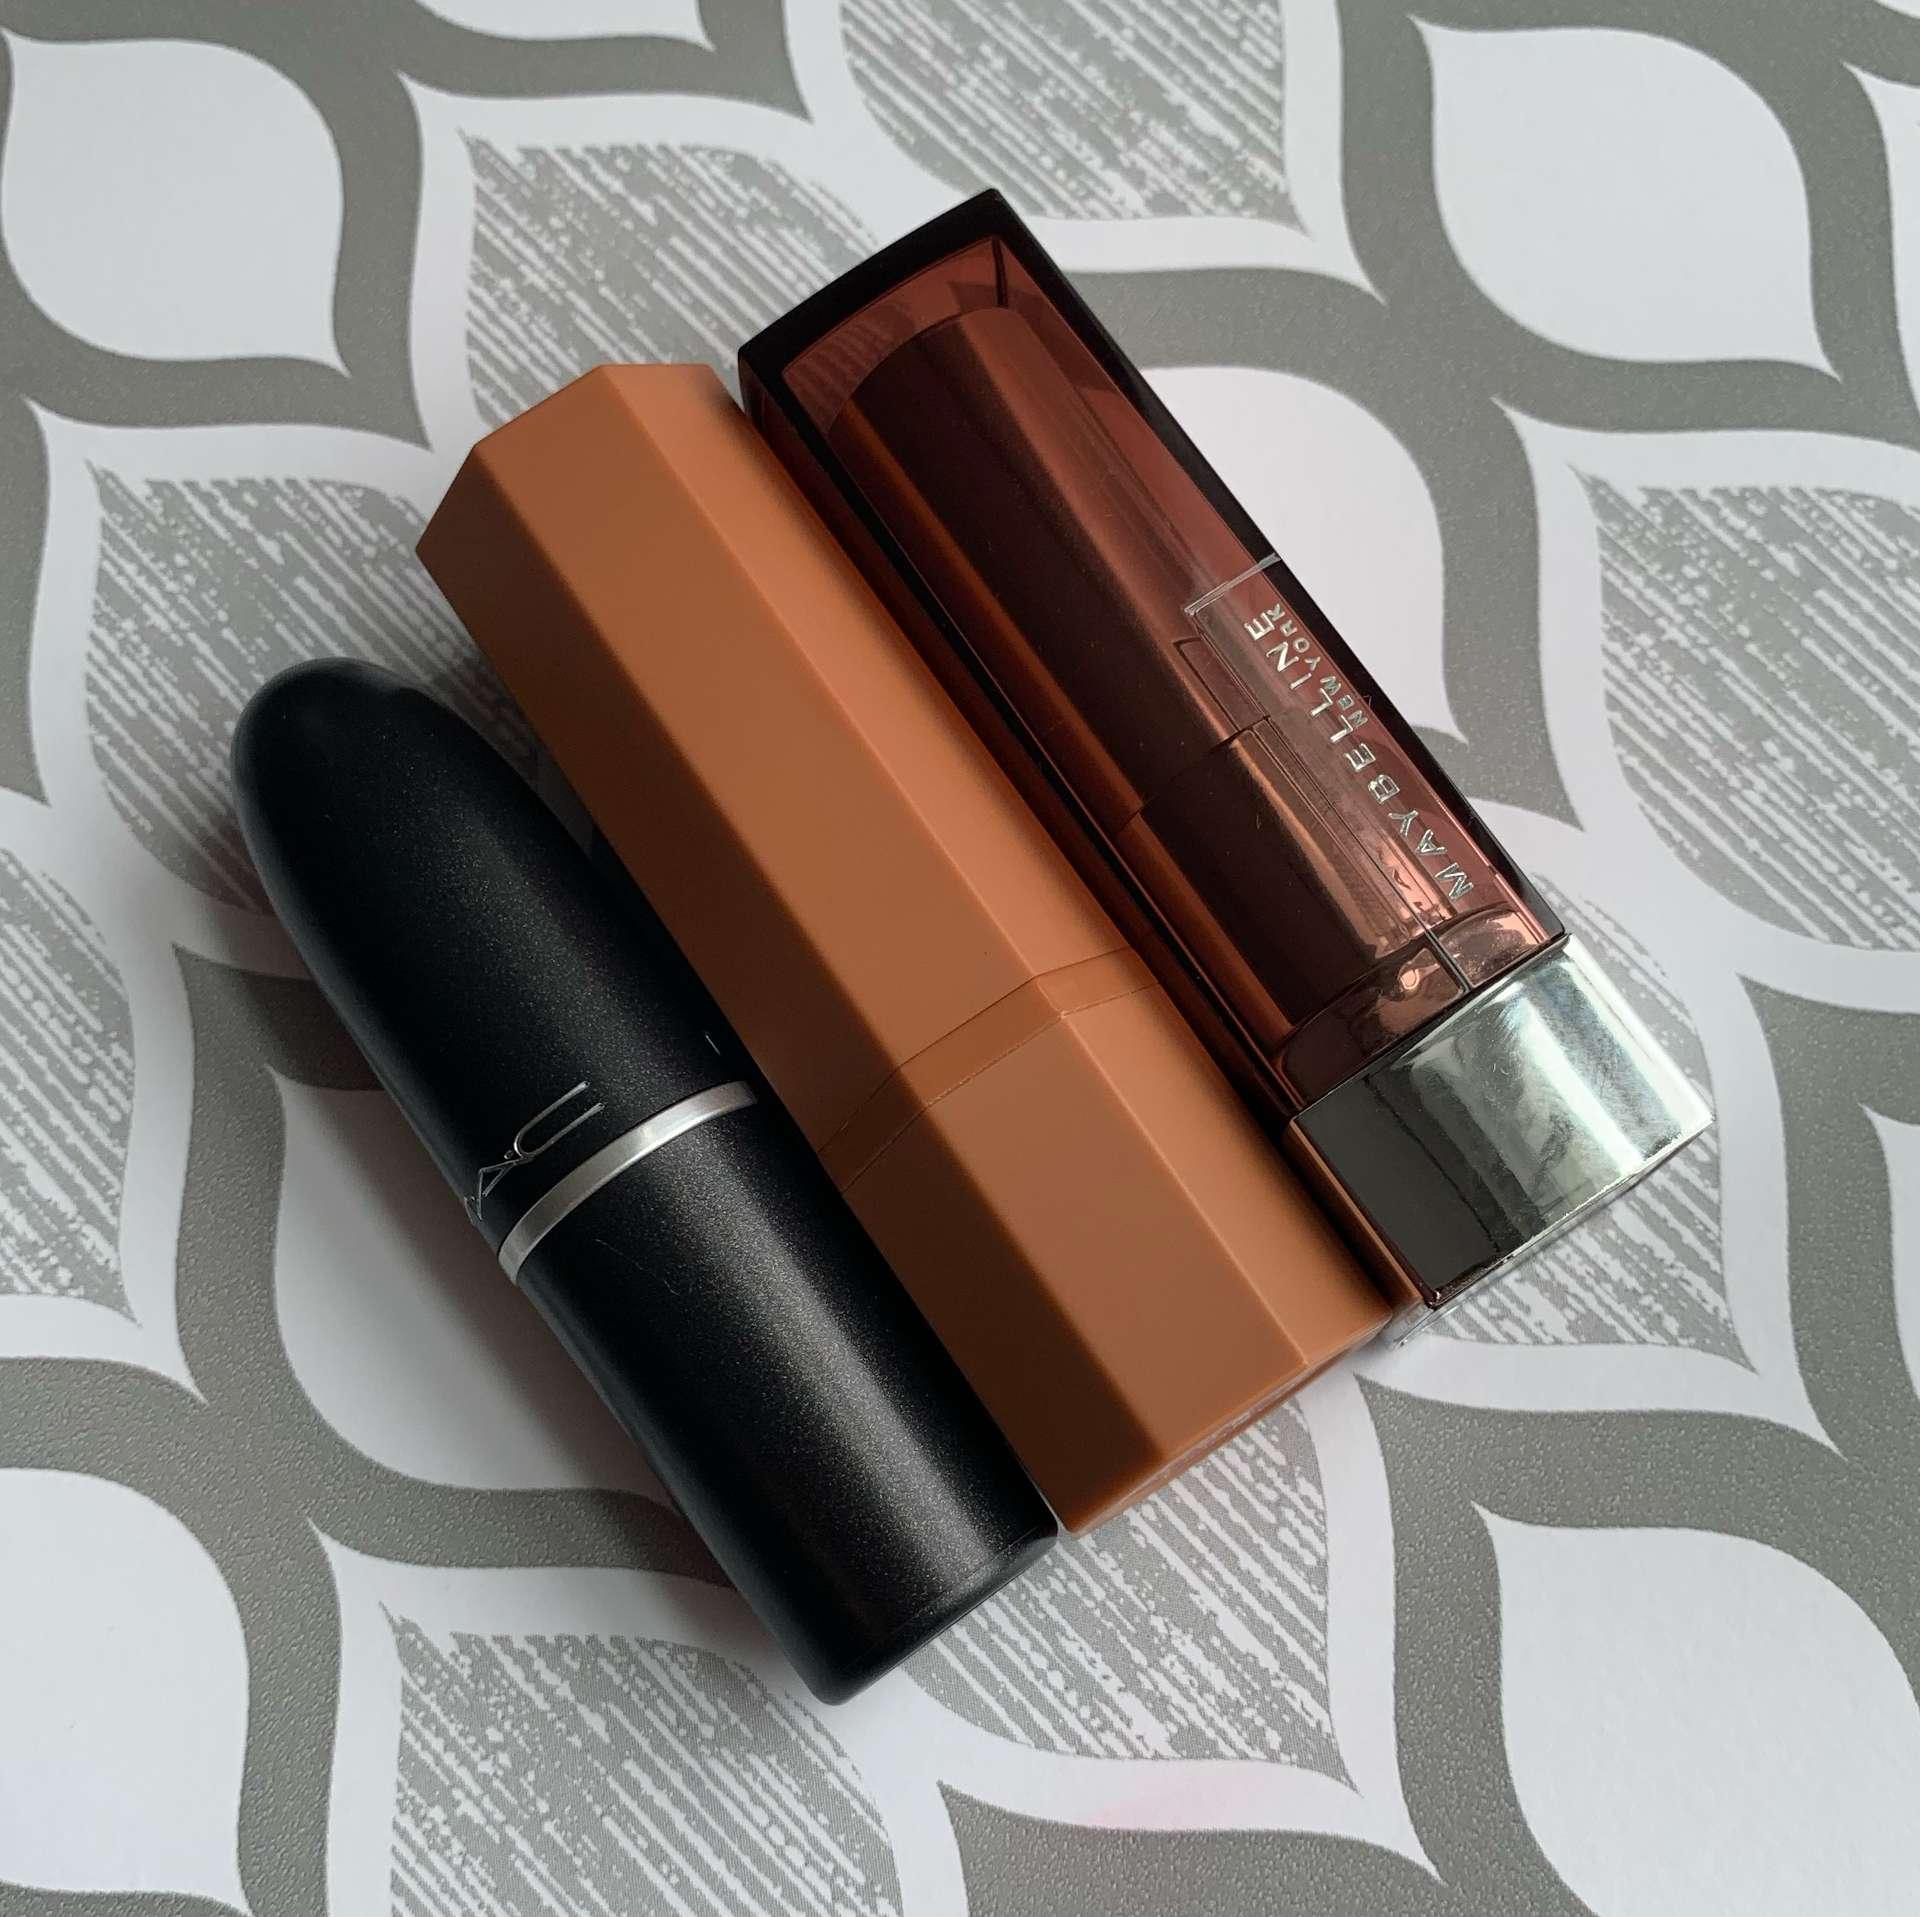 Propa Beauty Luminous Satin Lipstick Swatches